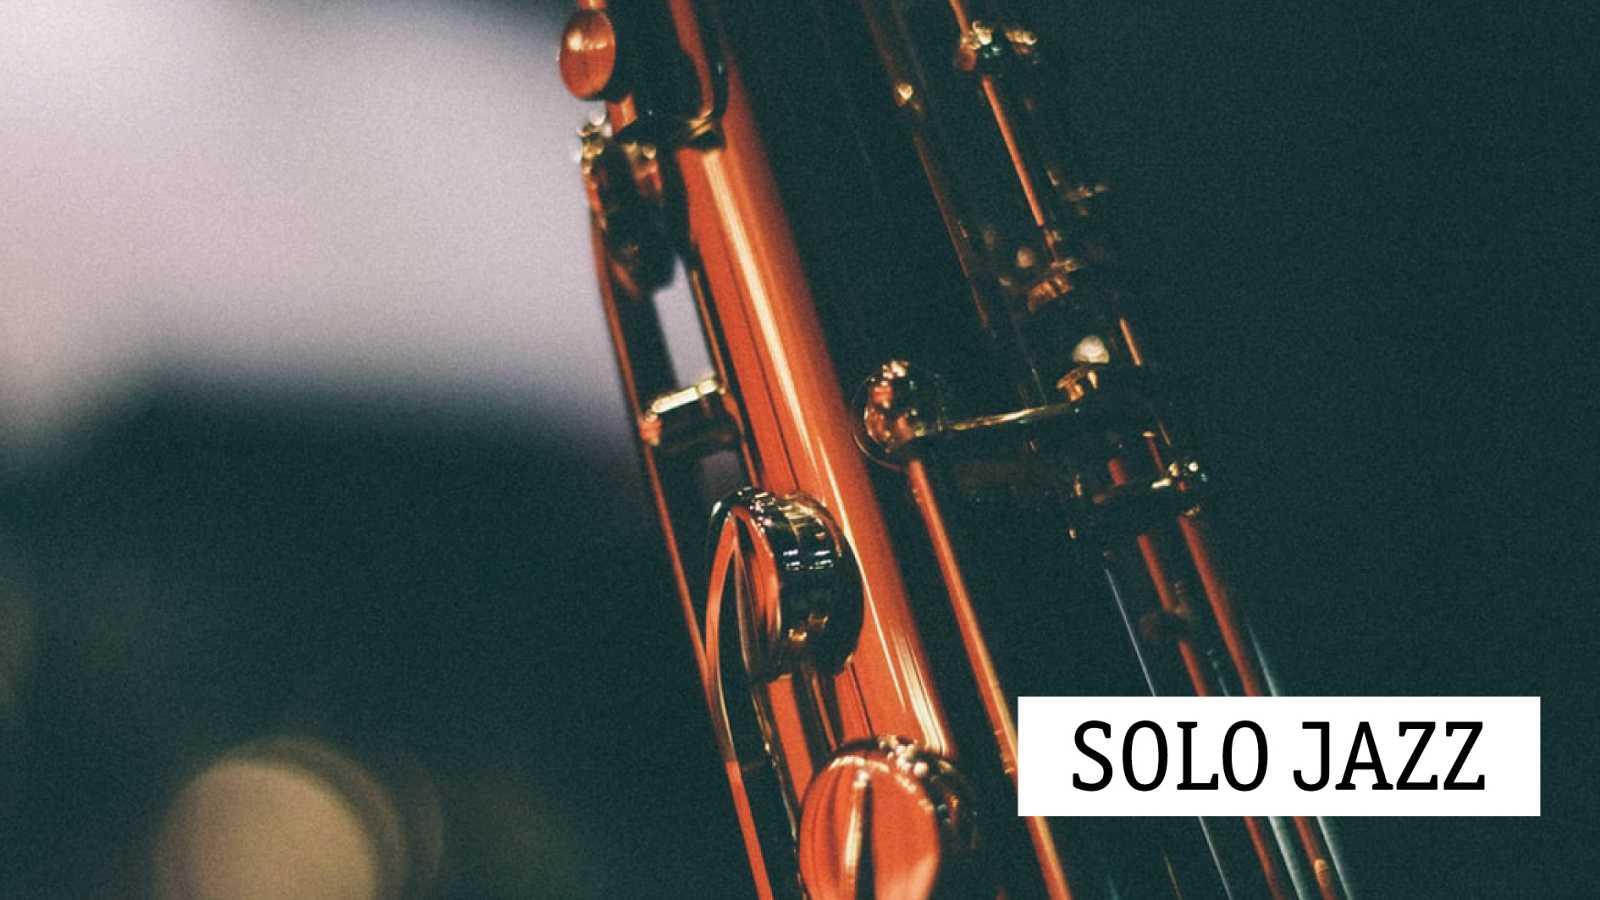 Solo Jazz - Un otoño de jazz - 07/10/20 - escuchar ahora